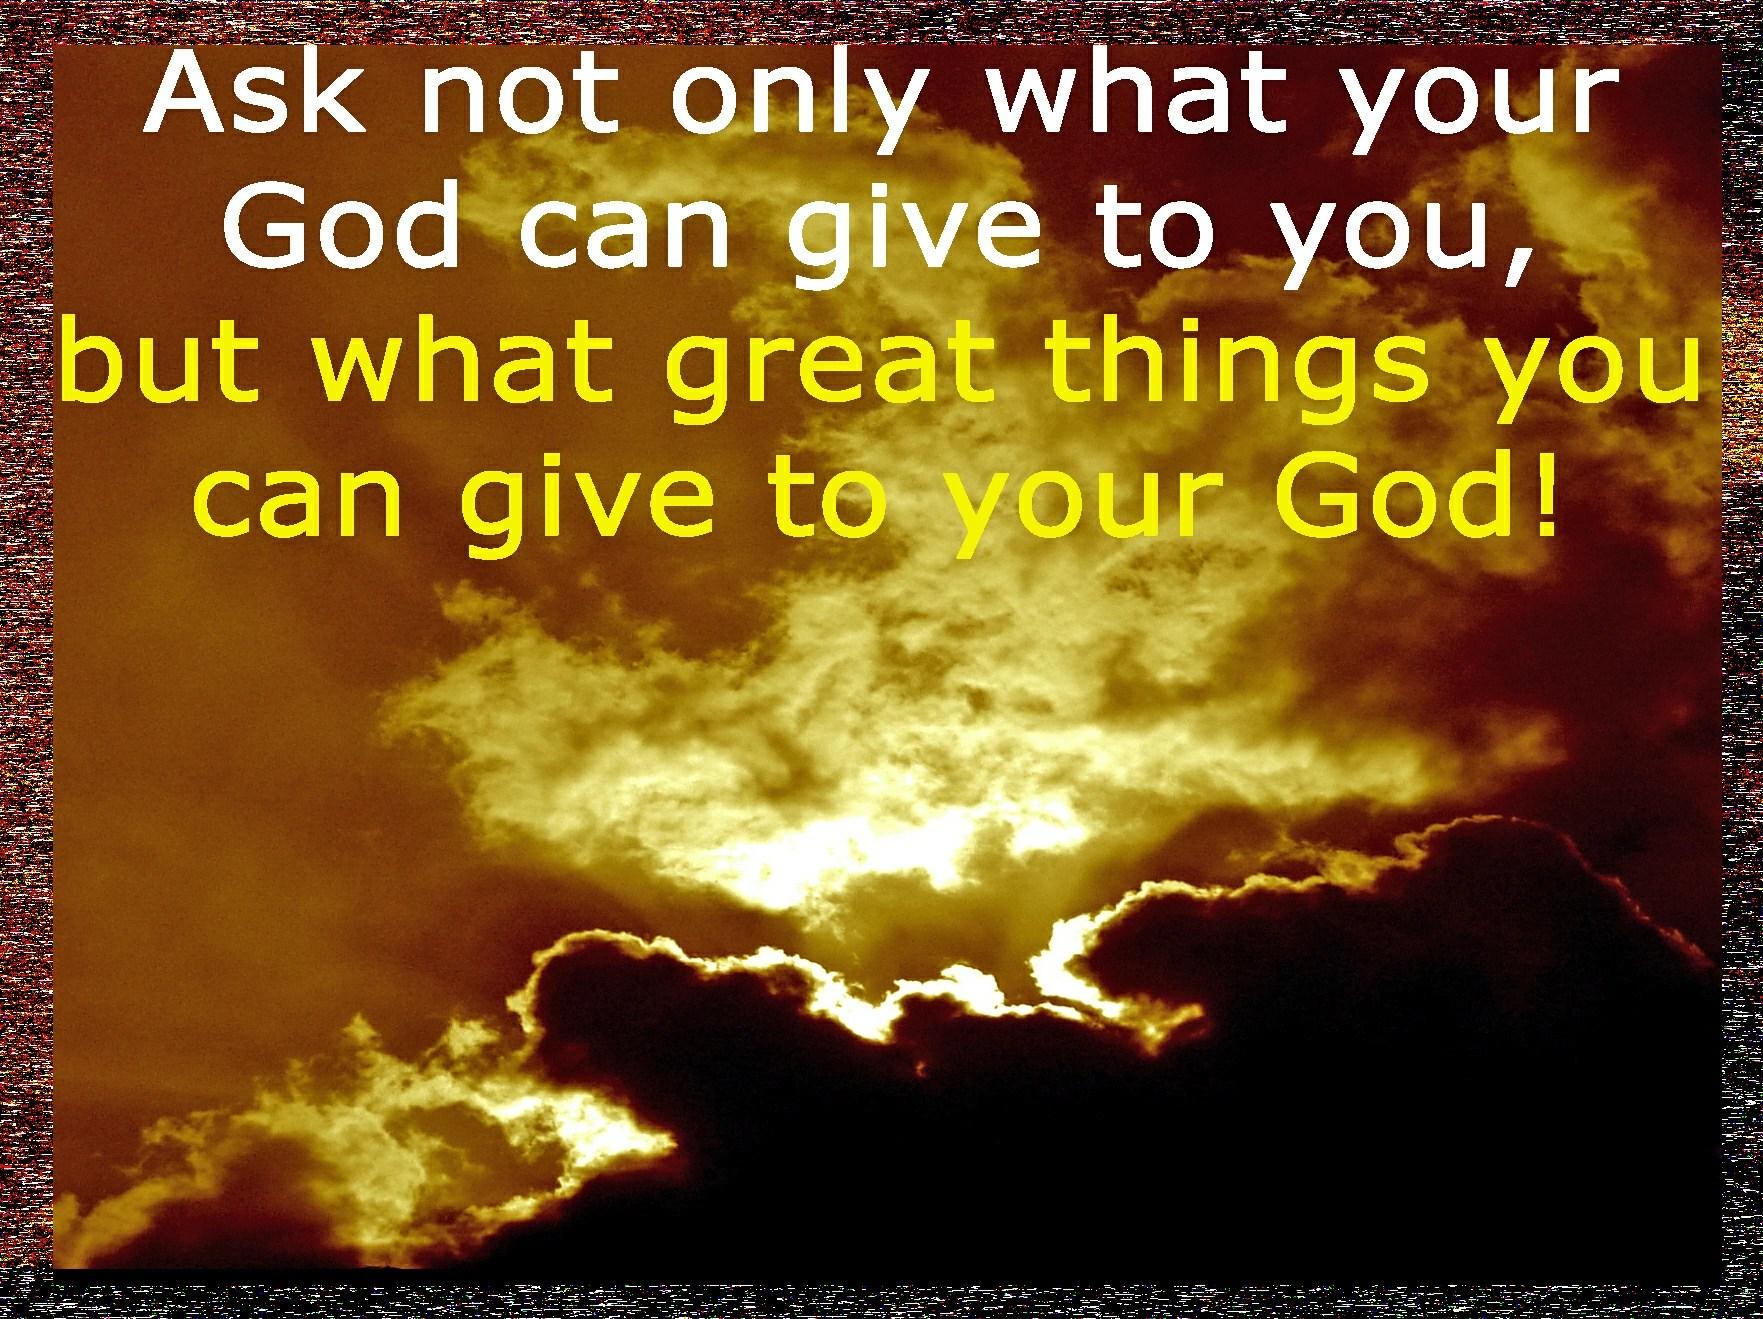 pbc_our_God.jpg